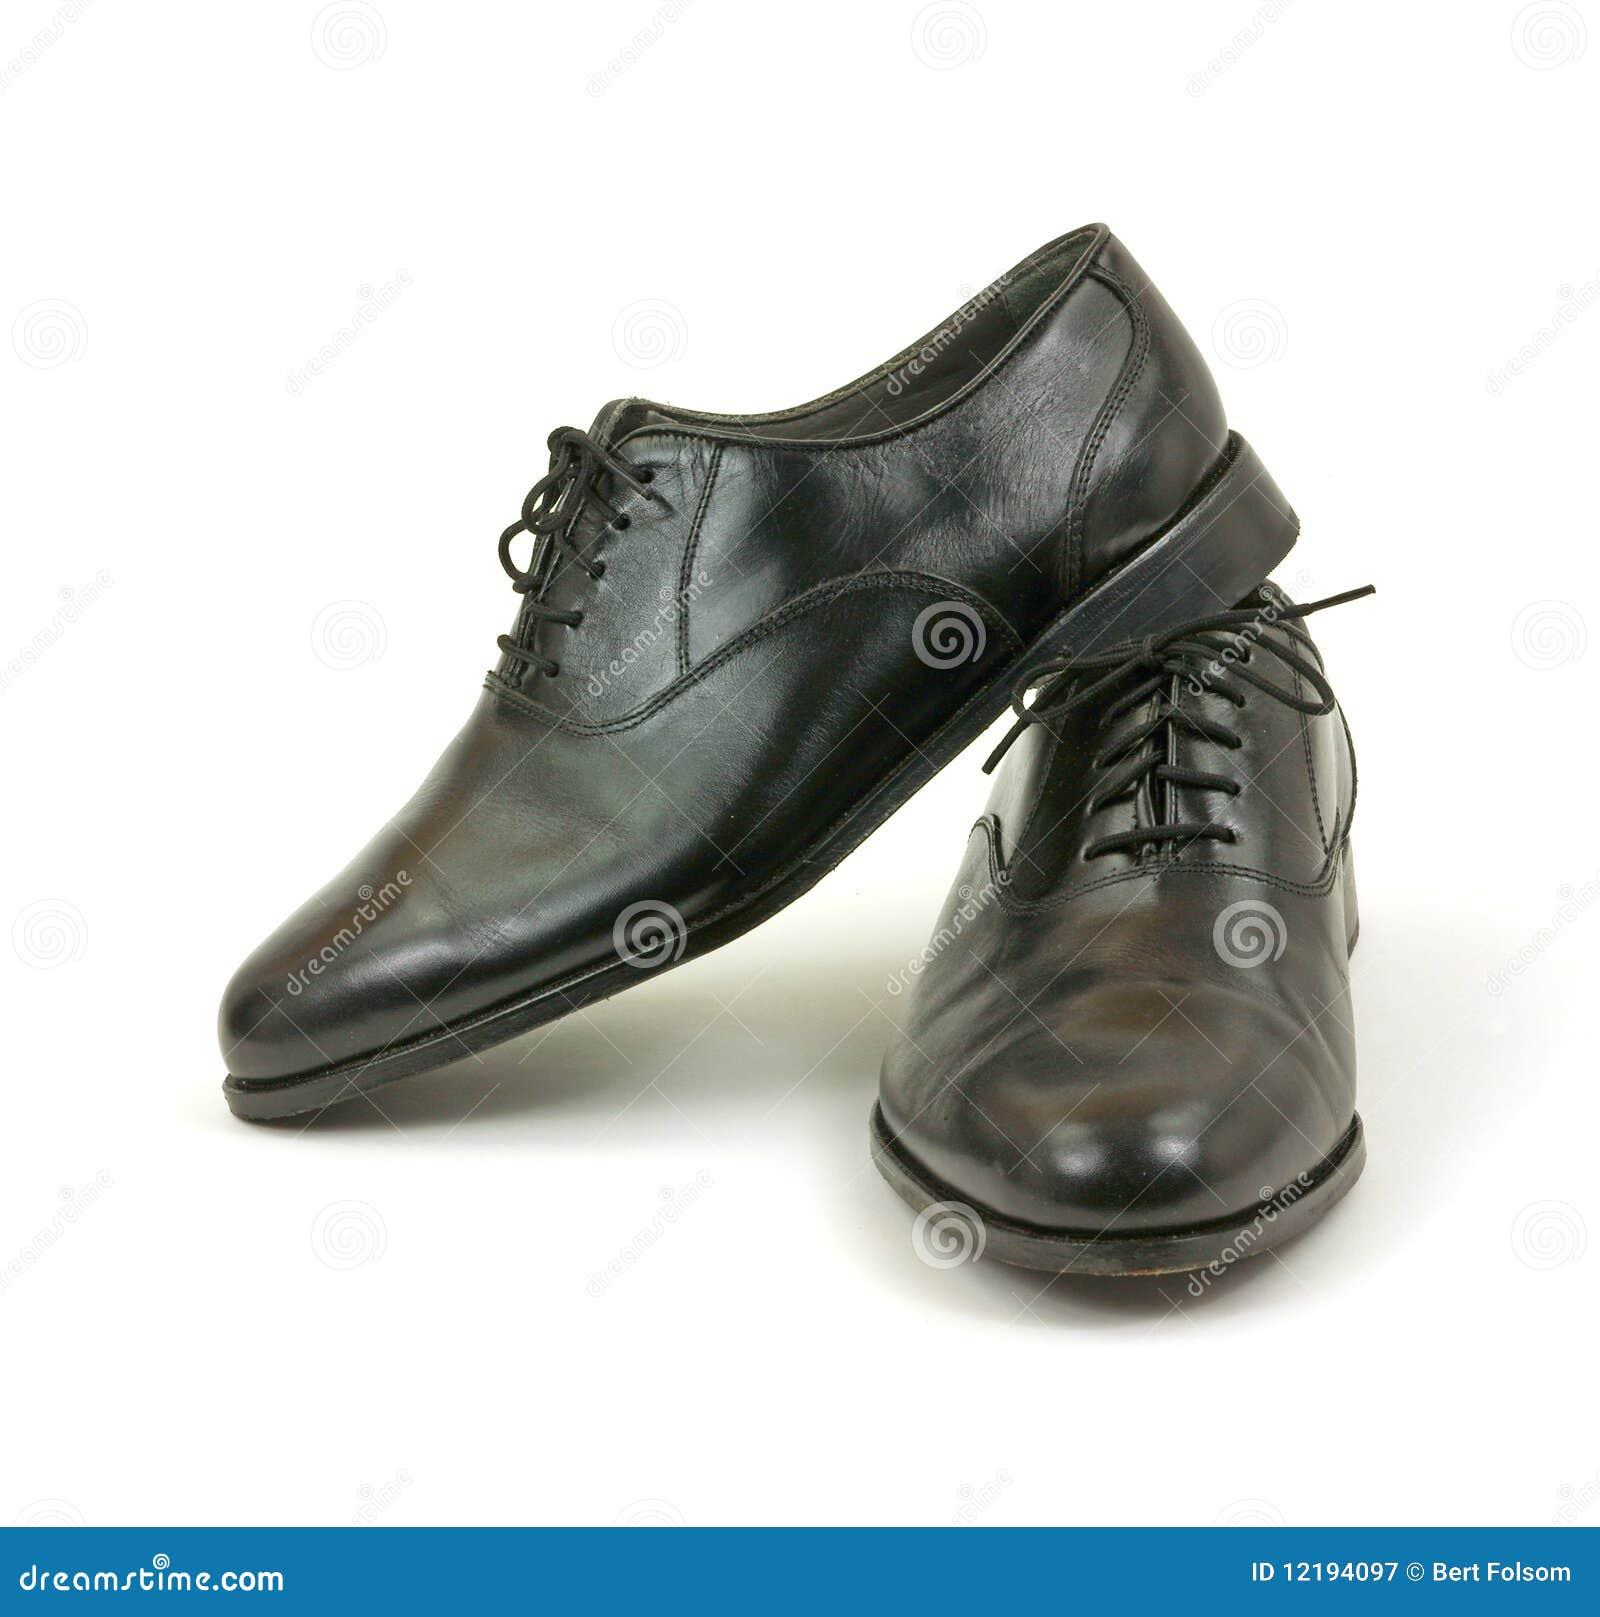 Archivo Hombres Alineada Imagen Para Los Zapatos De Negros Pqg0HwqRv